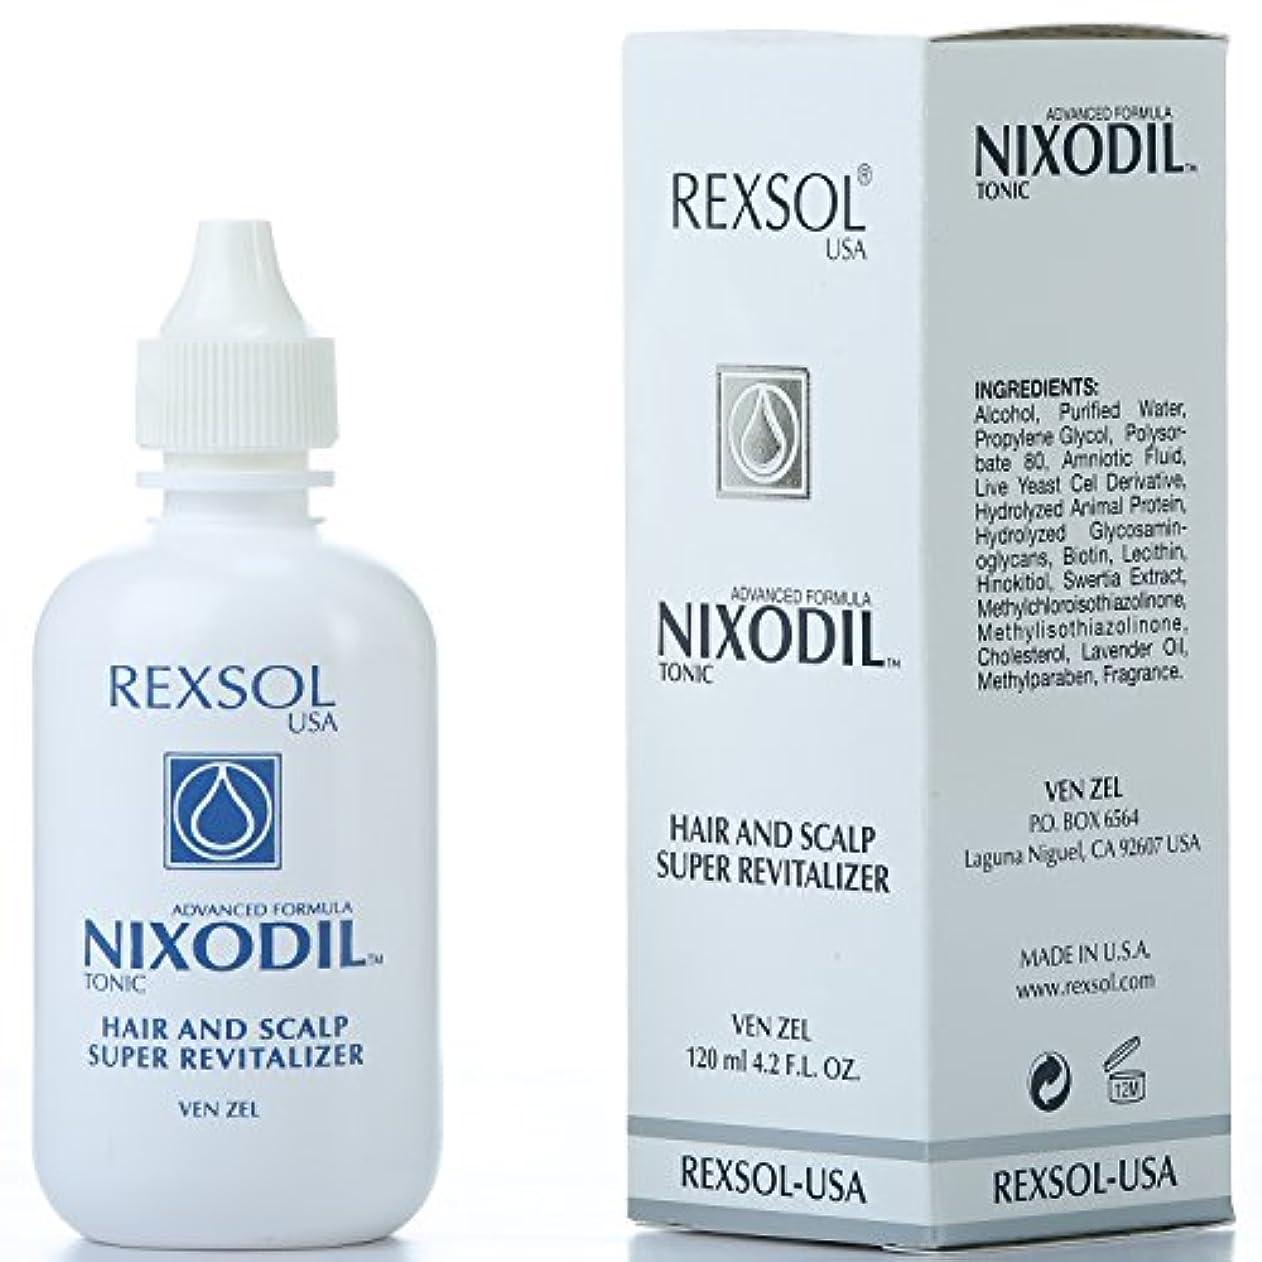 記憶に残る抵抗力がある以来REXSOLニクソディルヘア&スカルプスーパーリバイタライザー| ライブ酵母細胞誘導体、ビオチン、レシチン、Swertia Extract&ラベンダーオイル| 毛の損失と刺激的な成長を防ぎます(120 ml / 4.2...